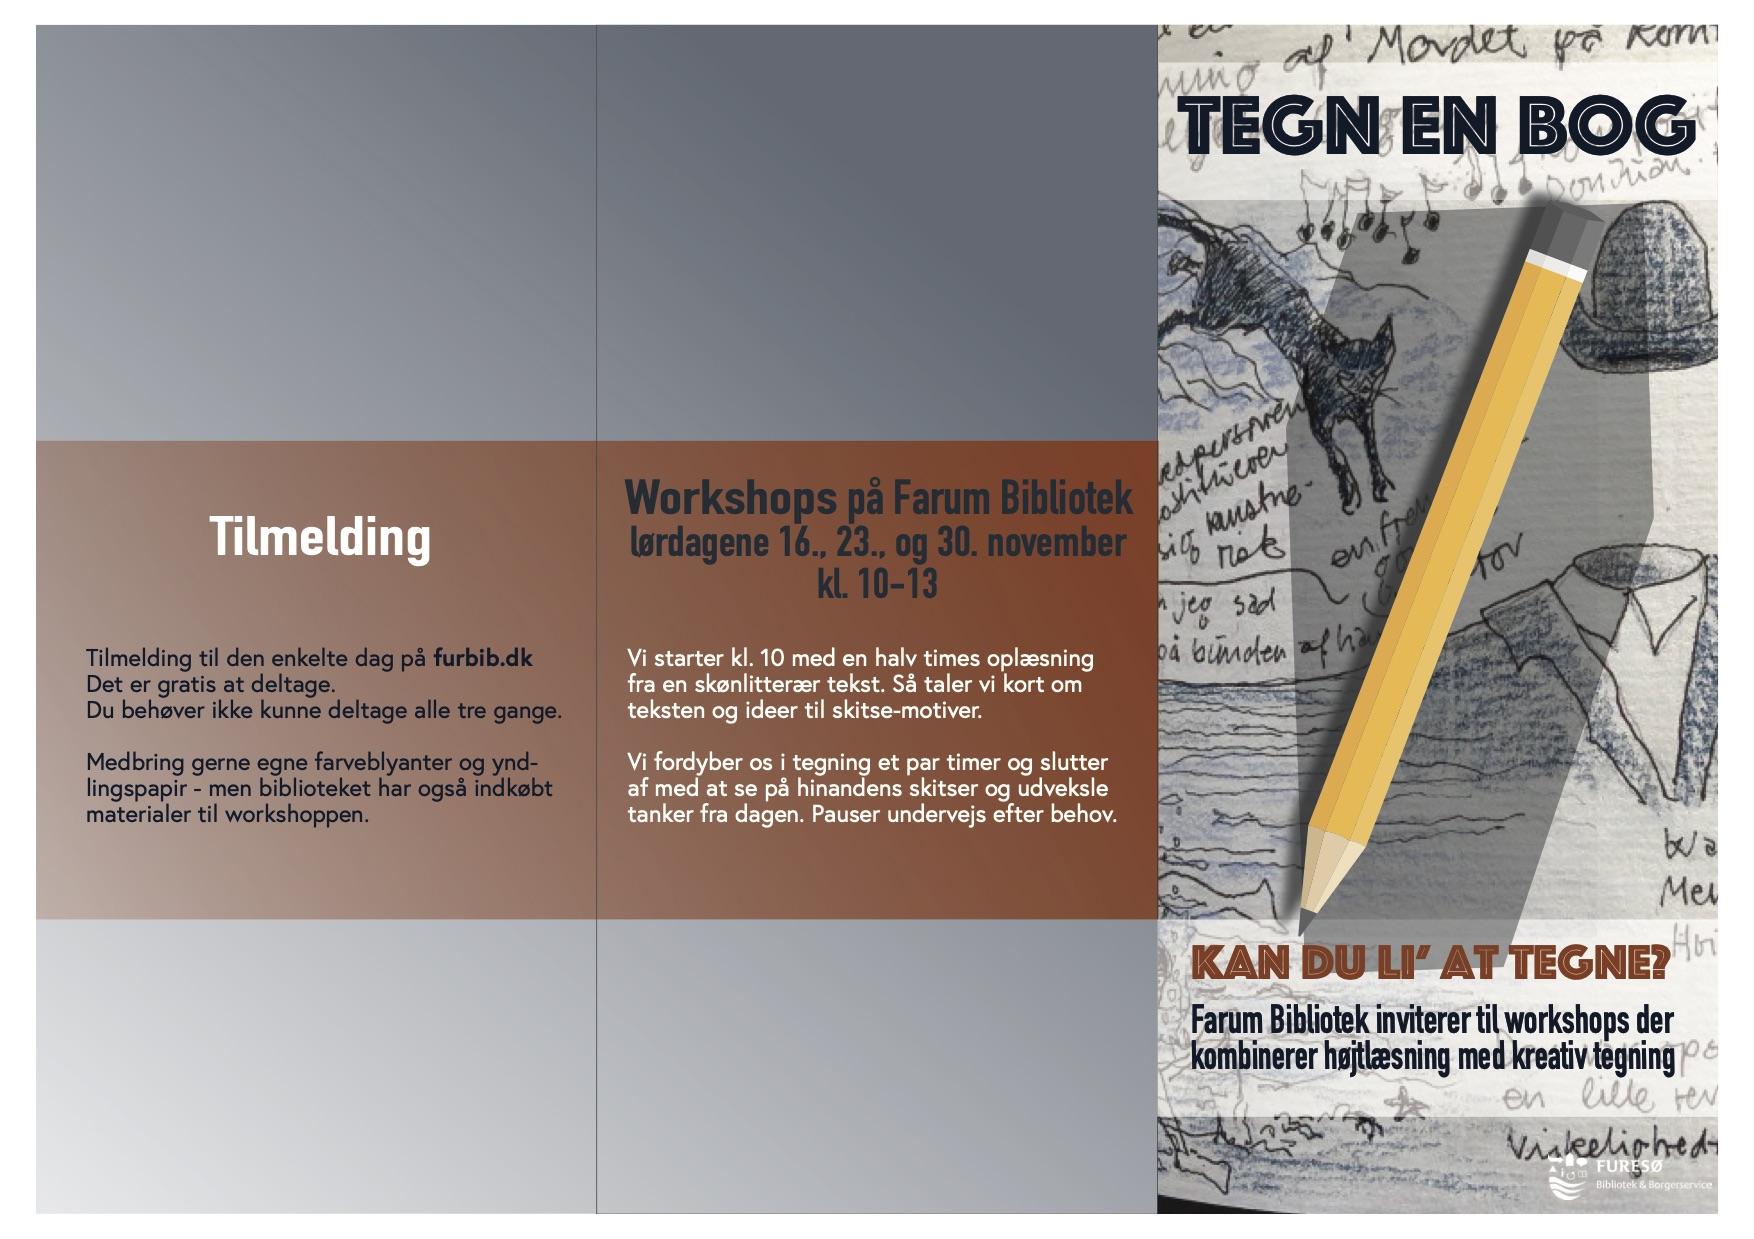 Tegn en bog Program for 3 workshops på biblioteket i Farum i november 2019